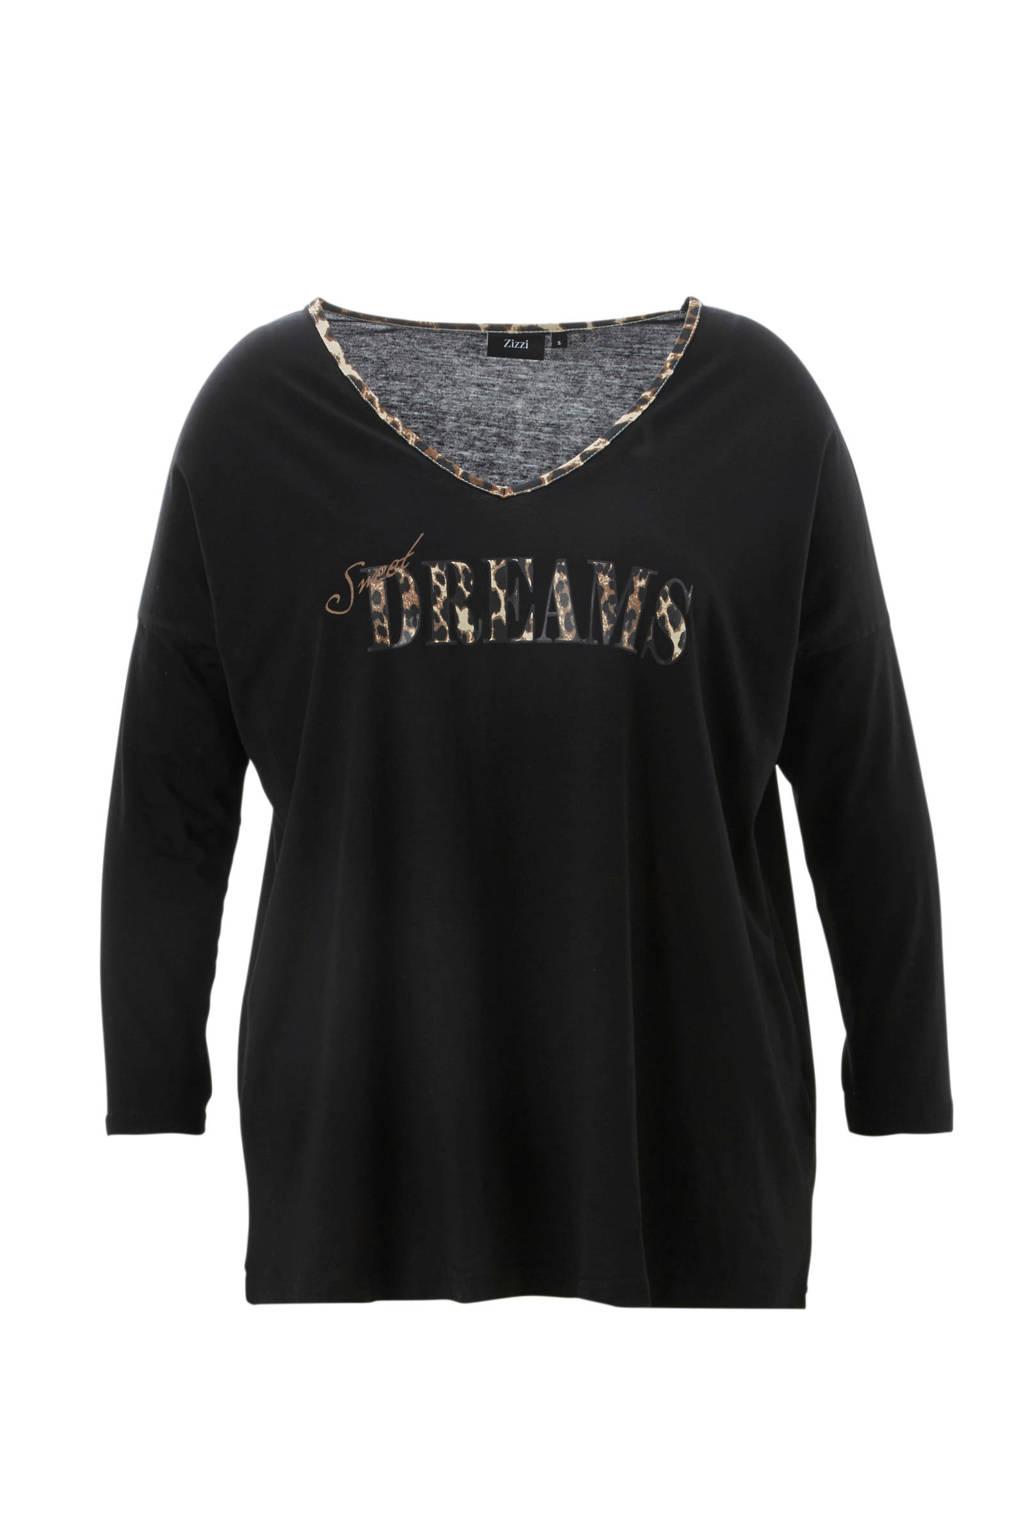 Zizzi pyjamatop met opdruk zwart, Zwart/bruin